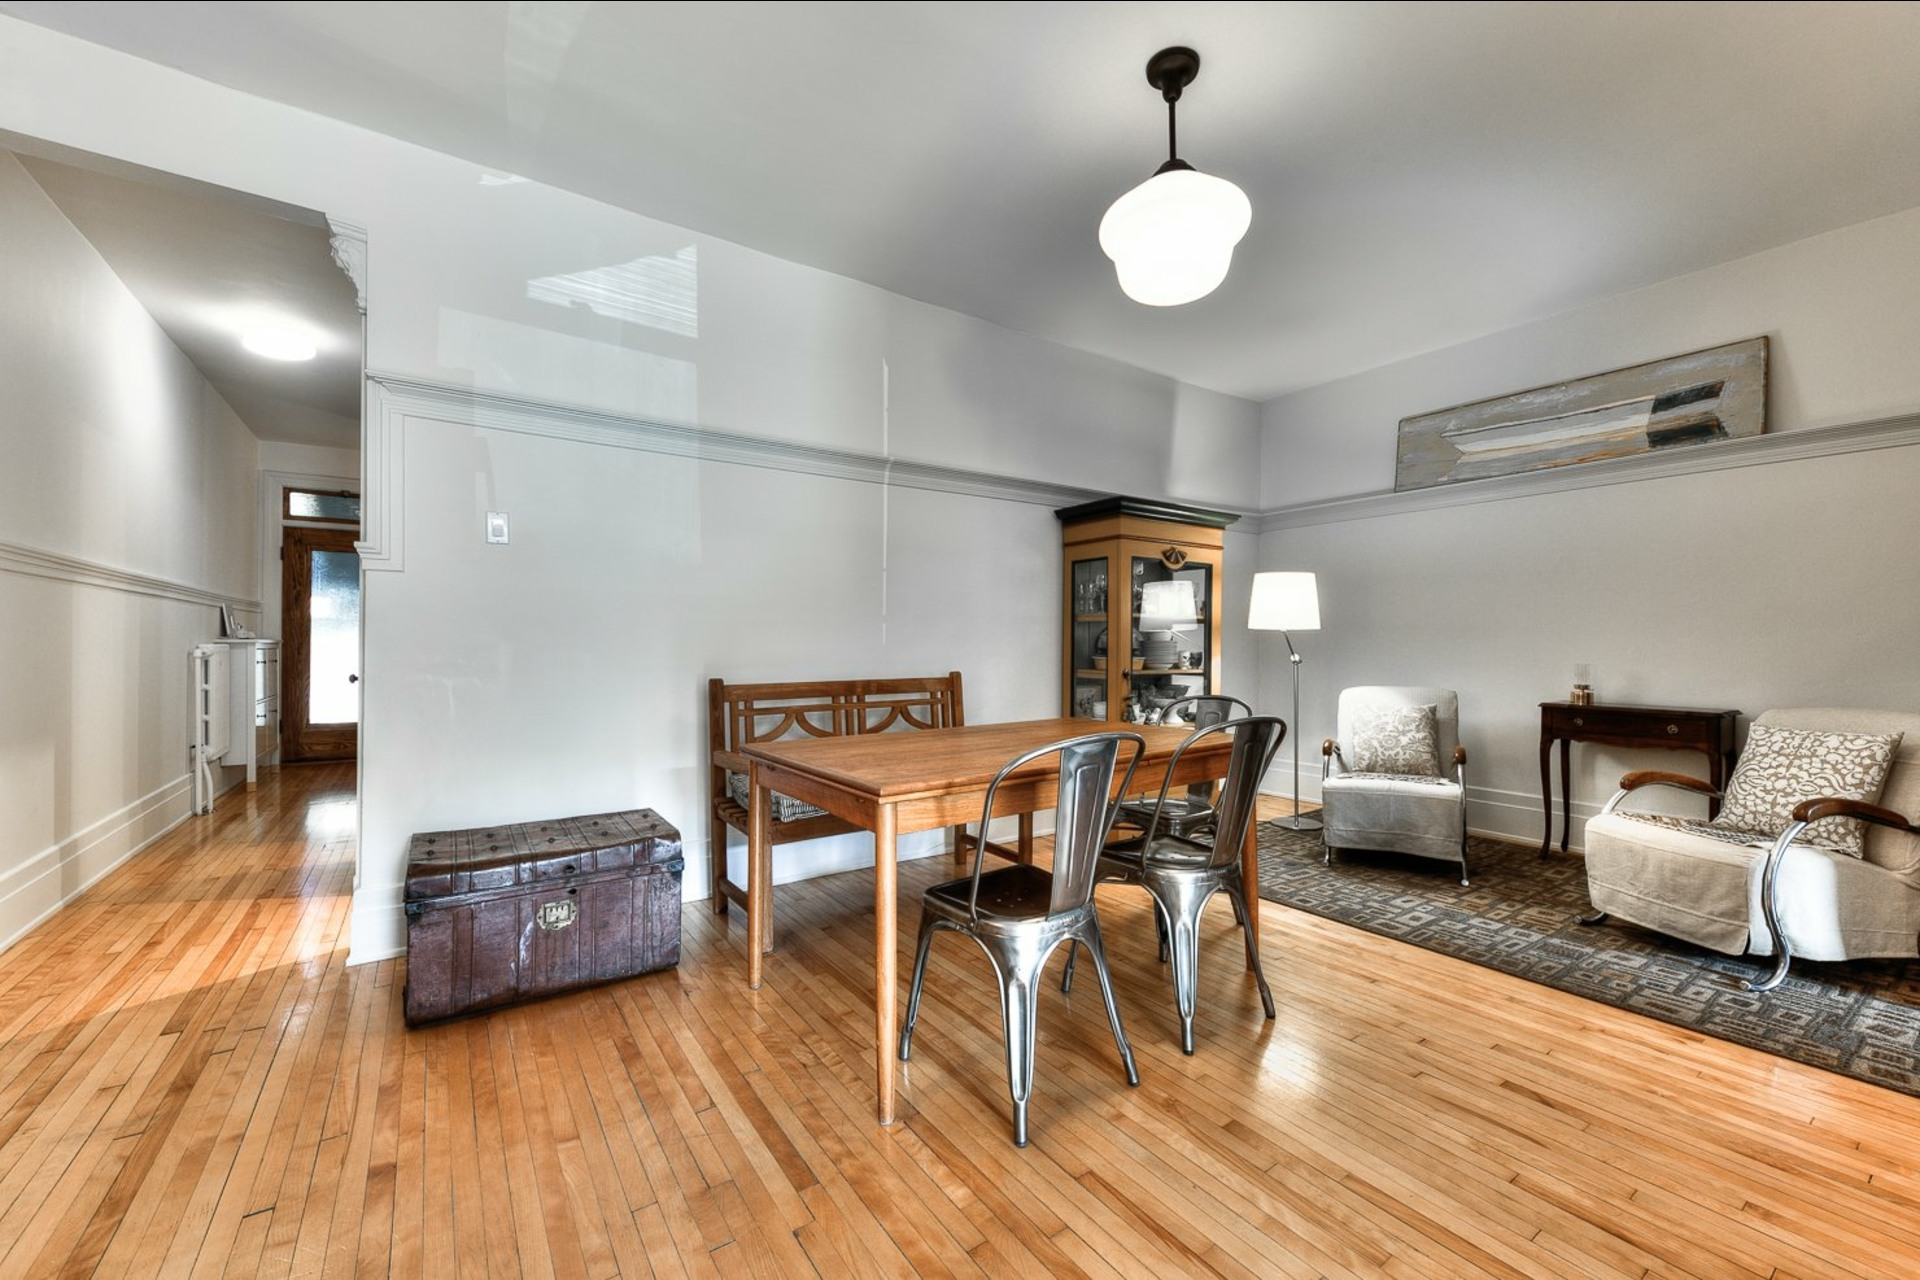 image 2 - Appartement À vendre Montréal Le Plateau-Mont-Royal  - 9 pièces